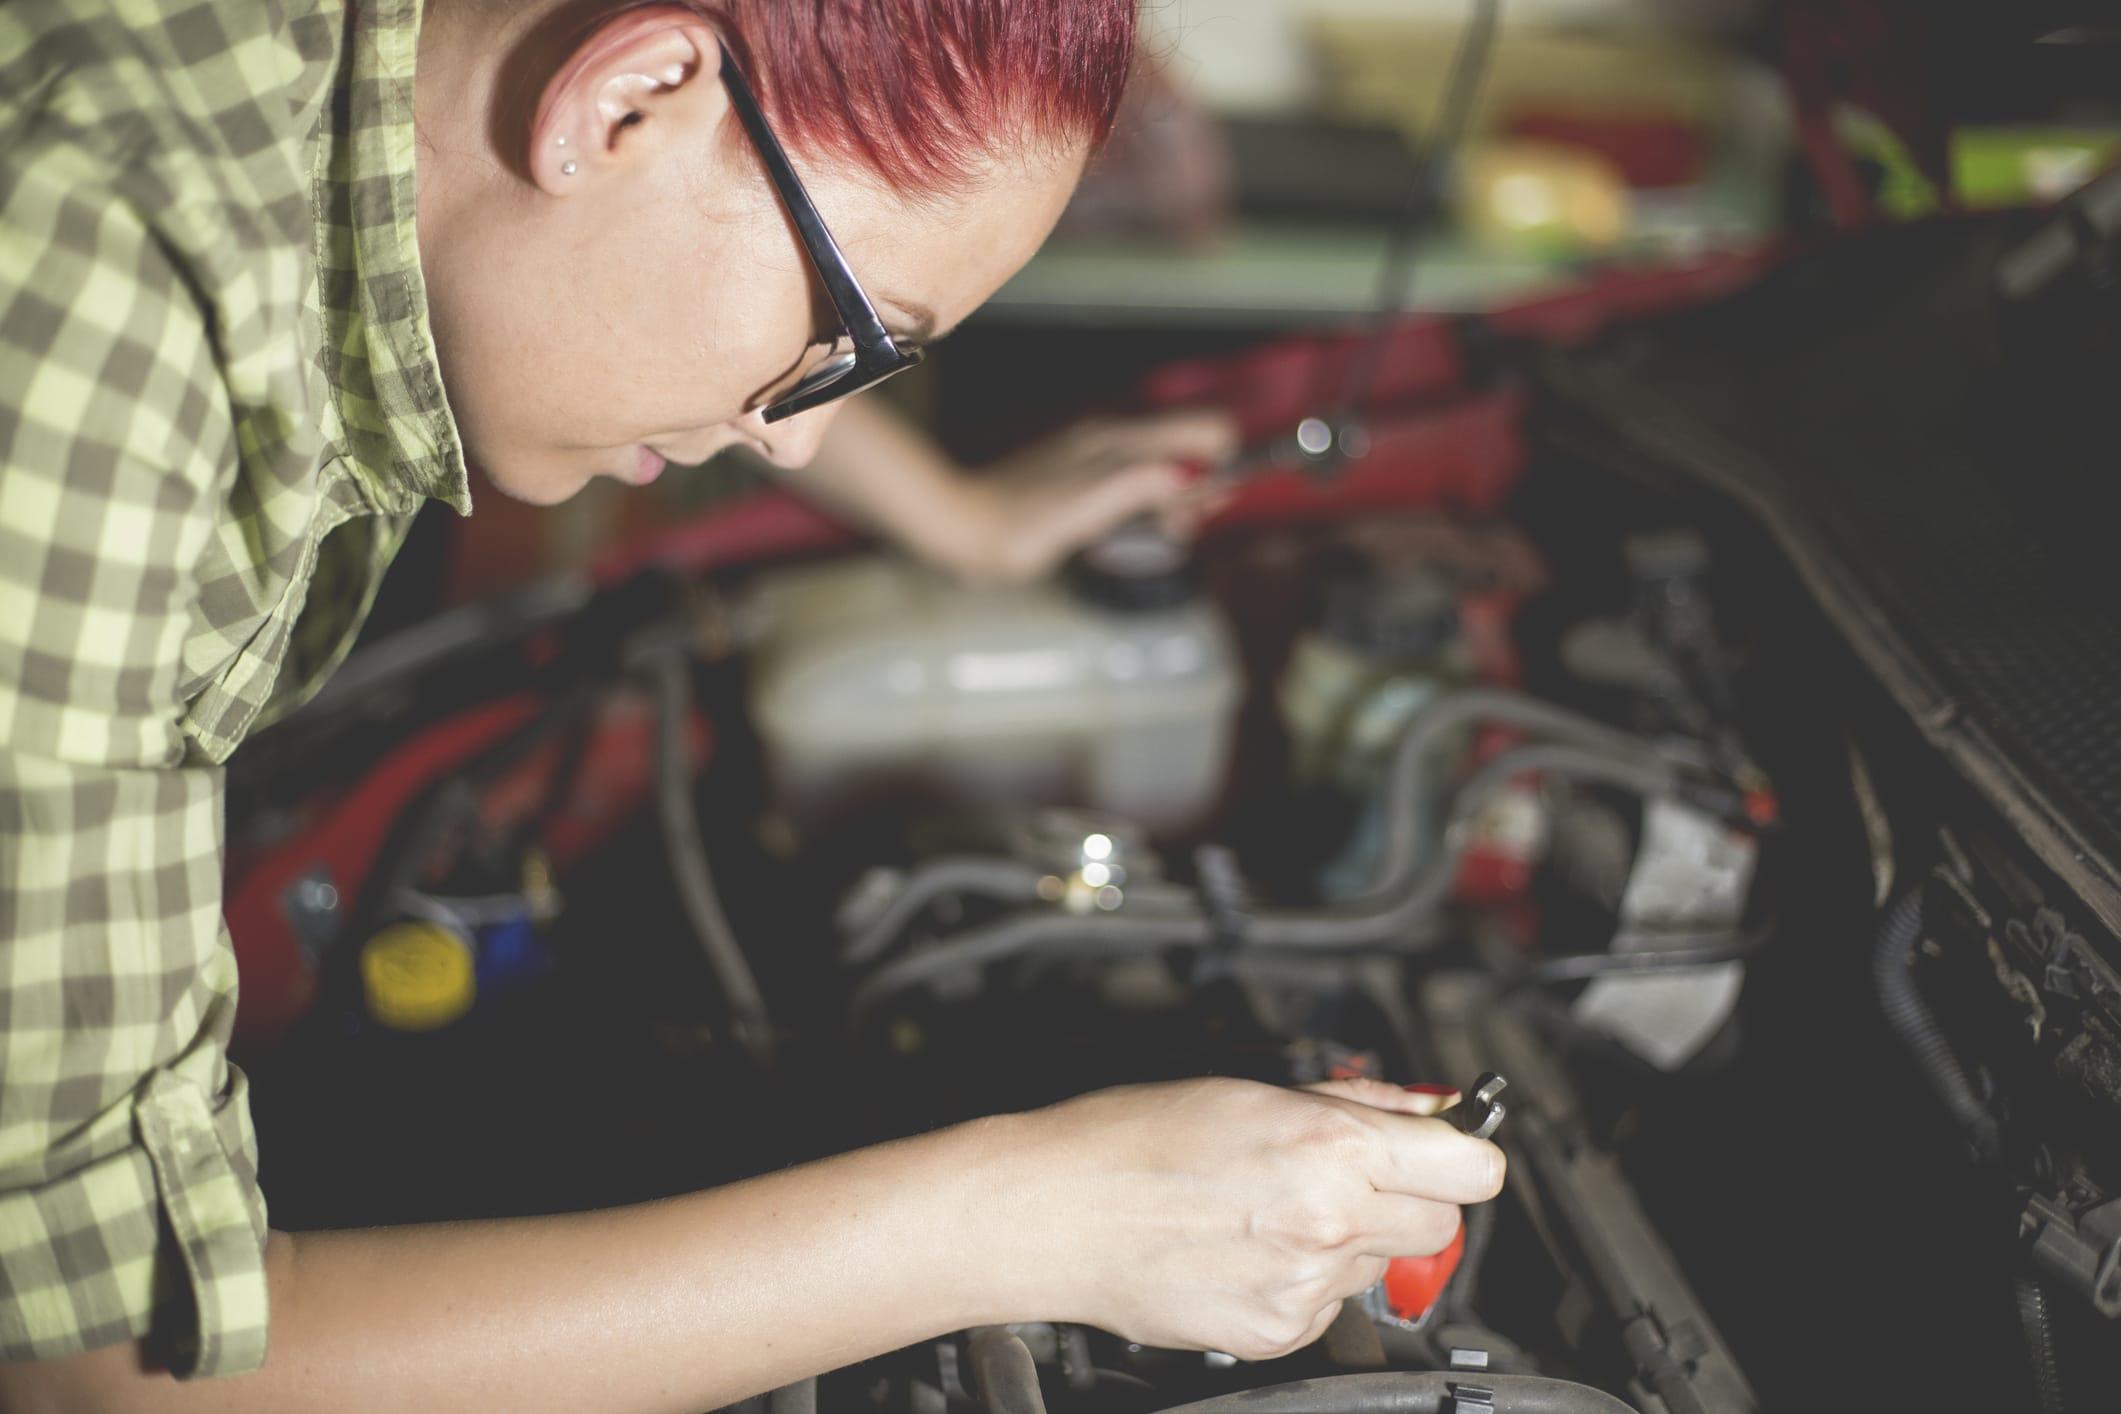 Woman Repairing Car